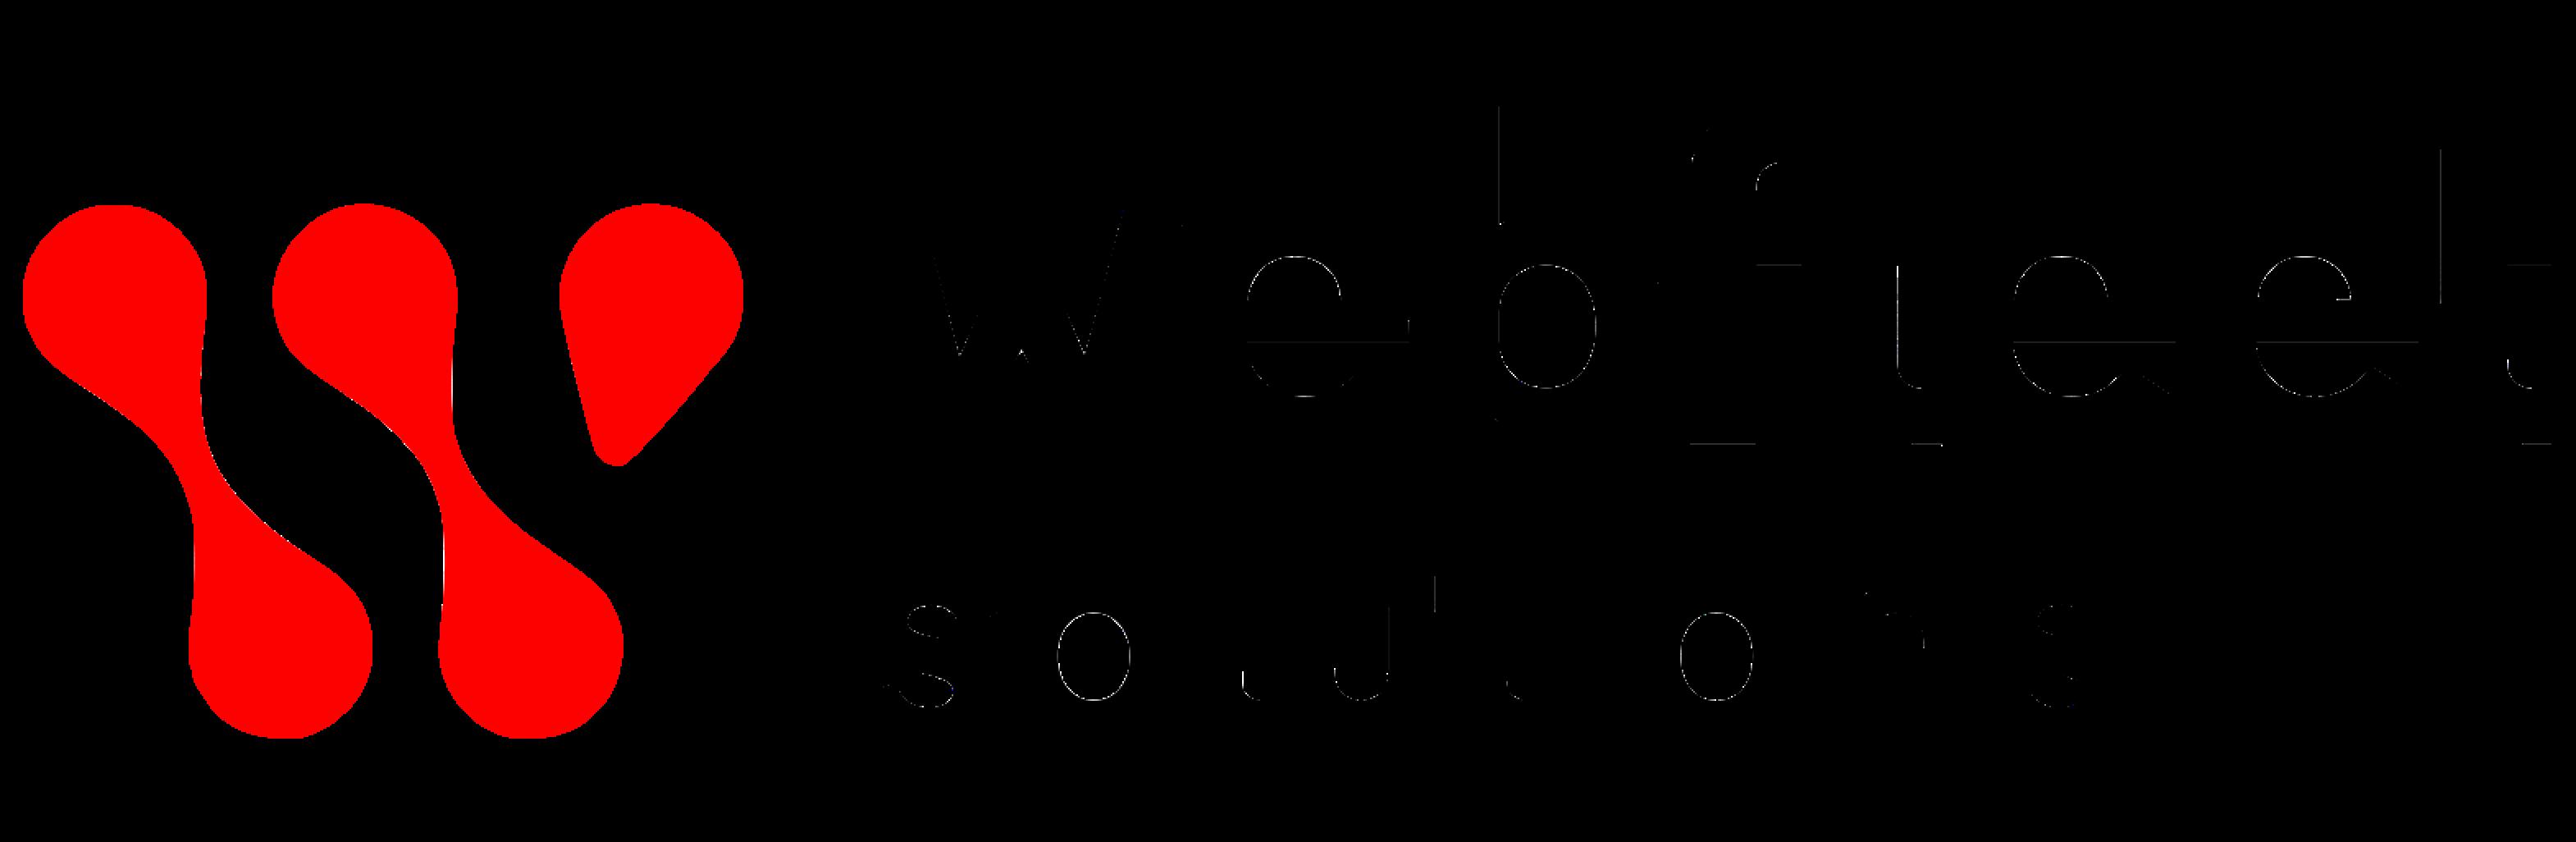 Webfleet solutions logo@2x